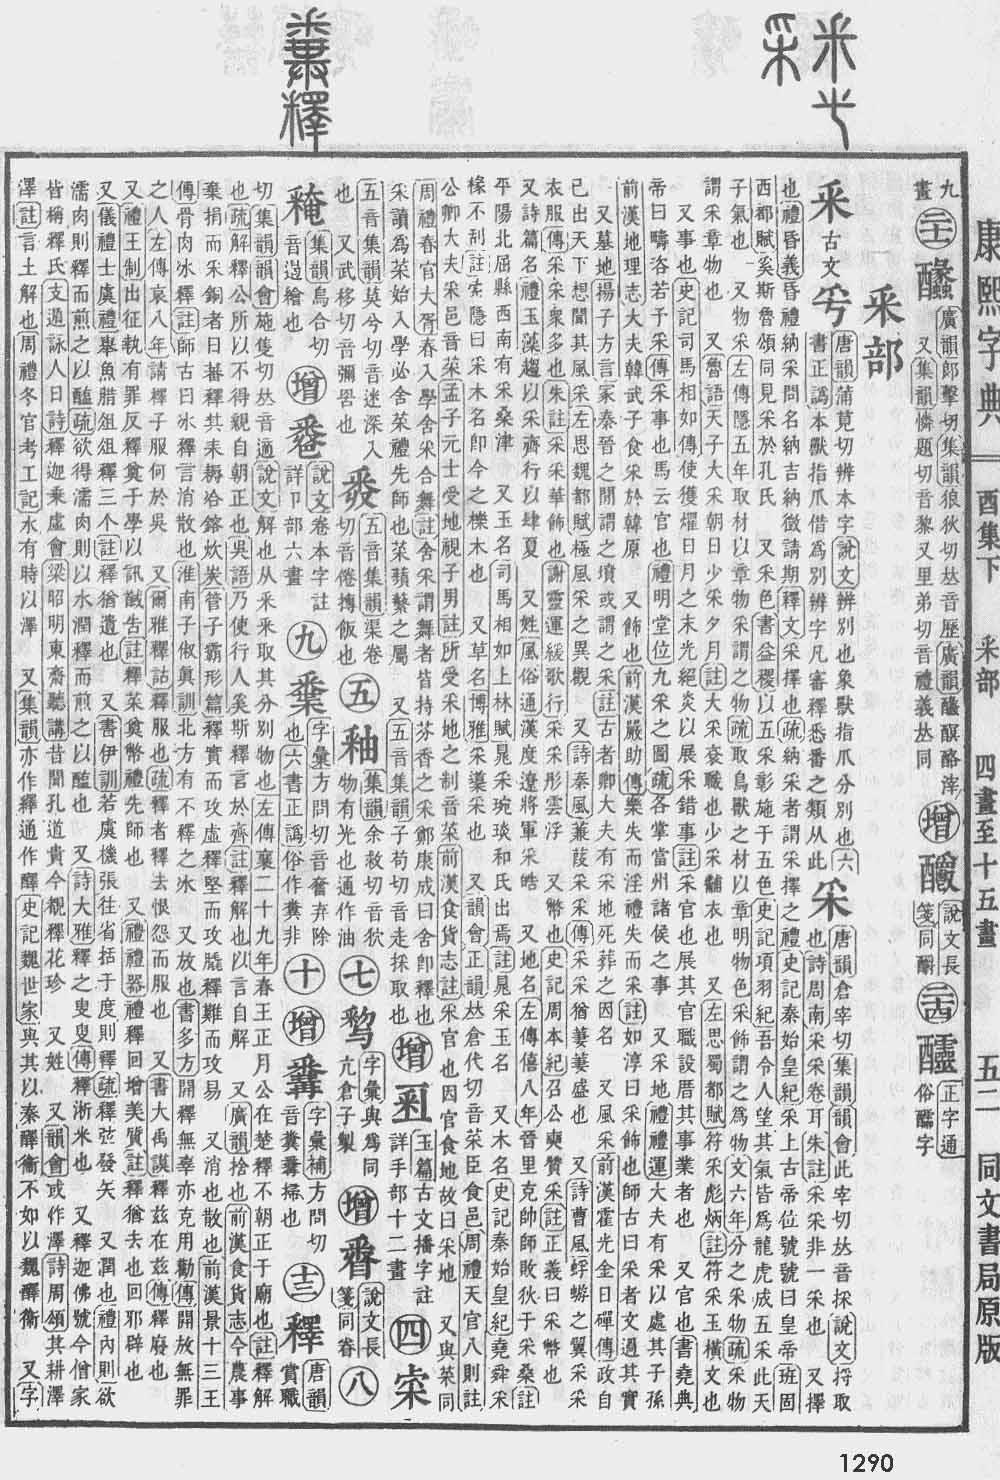 《康熙字典》第1290页